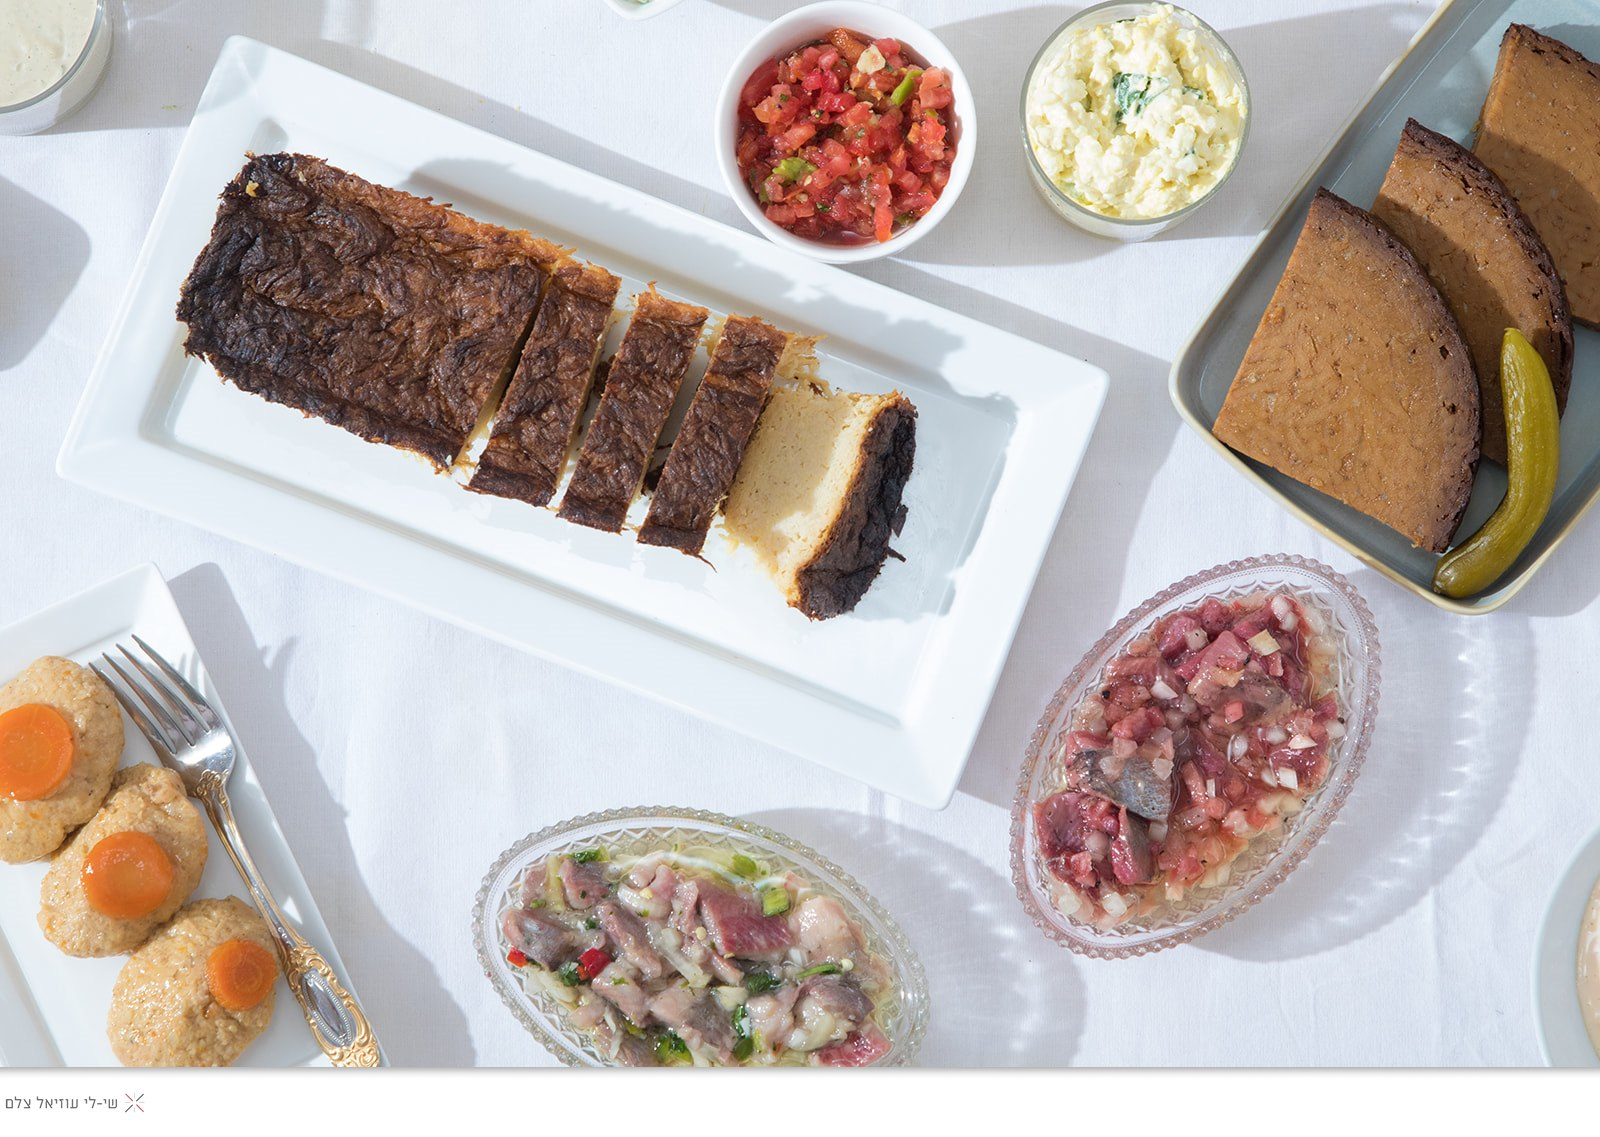 המסעדות הטובות ביותר ב כפר סבא - מאפה בר אילן